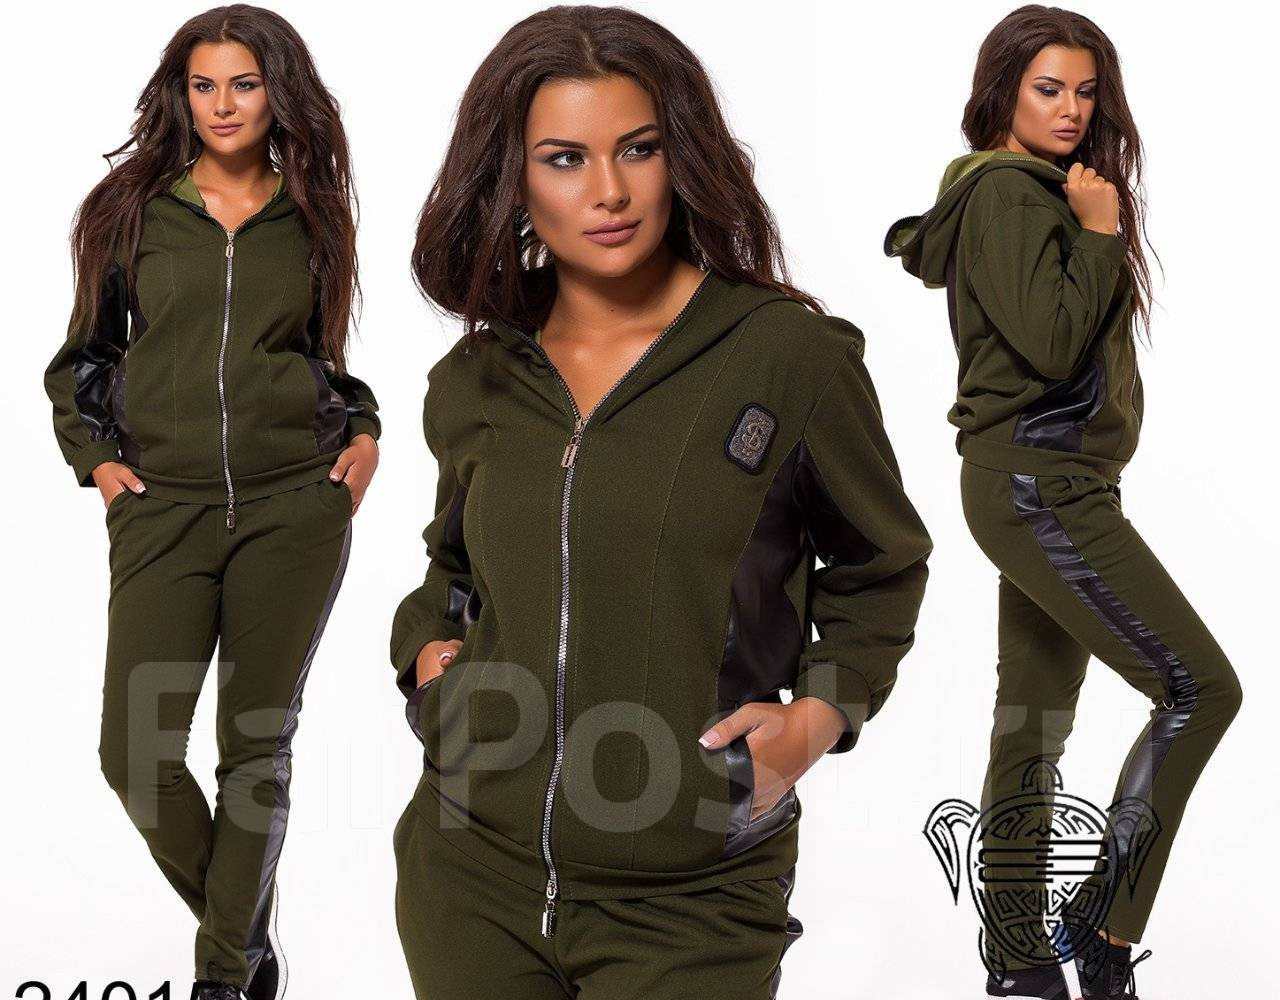 Купить костюмы спортивные размер  50 размера - женская спортивная одежда 16474d37bf0